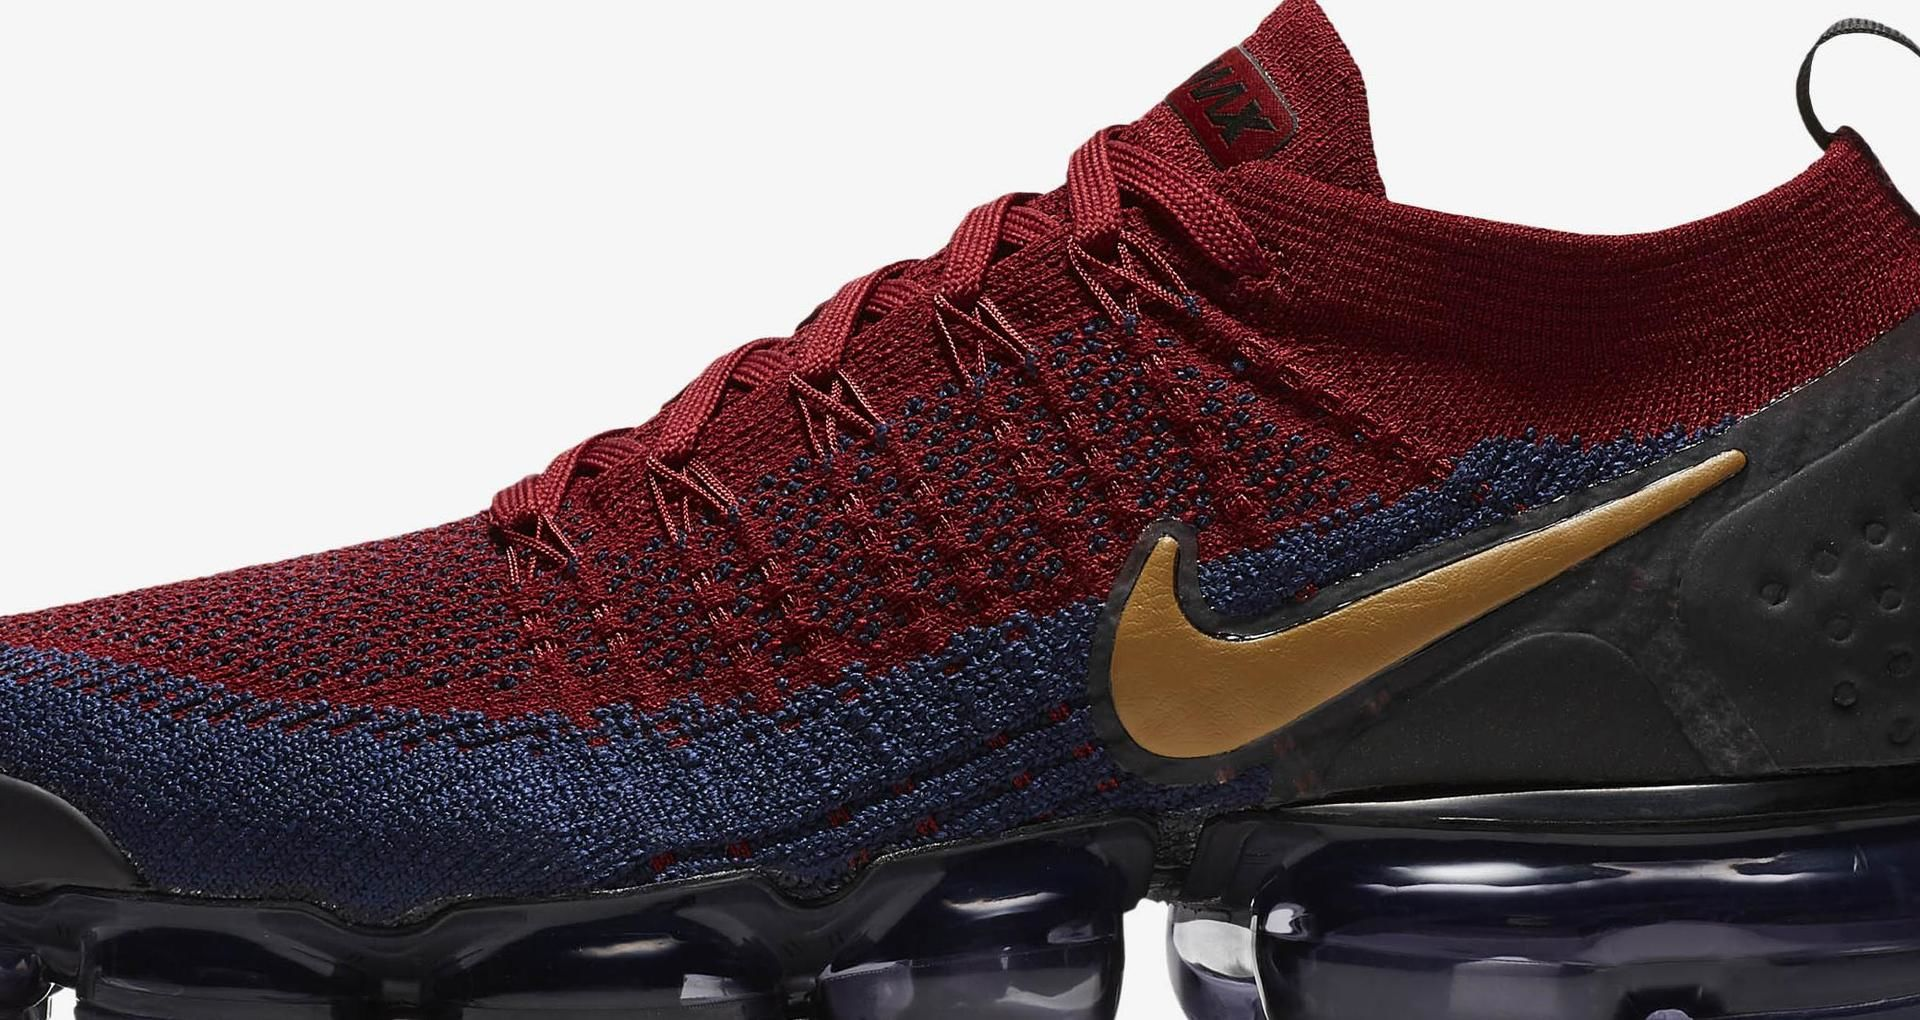 6d705a284b Nike Vapormax 2 Flyknit 'Team Red & Obsidian & Black' Release Date ...